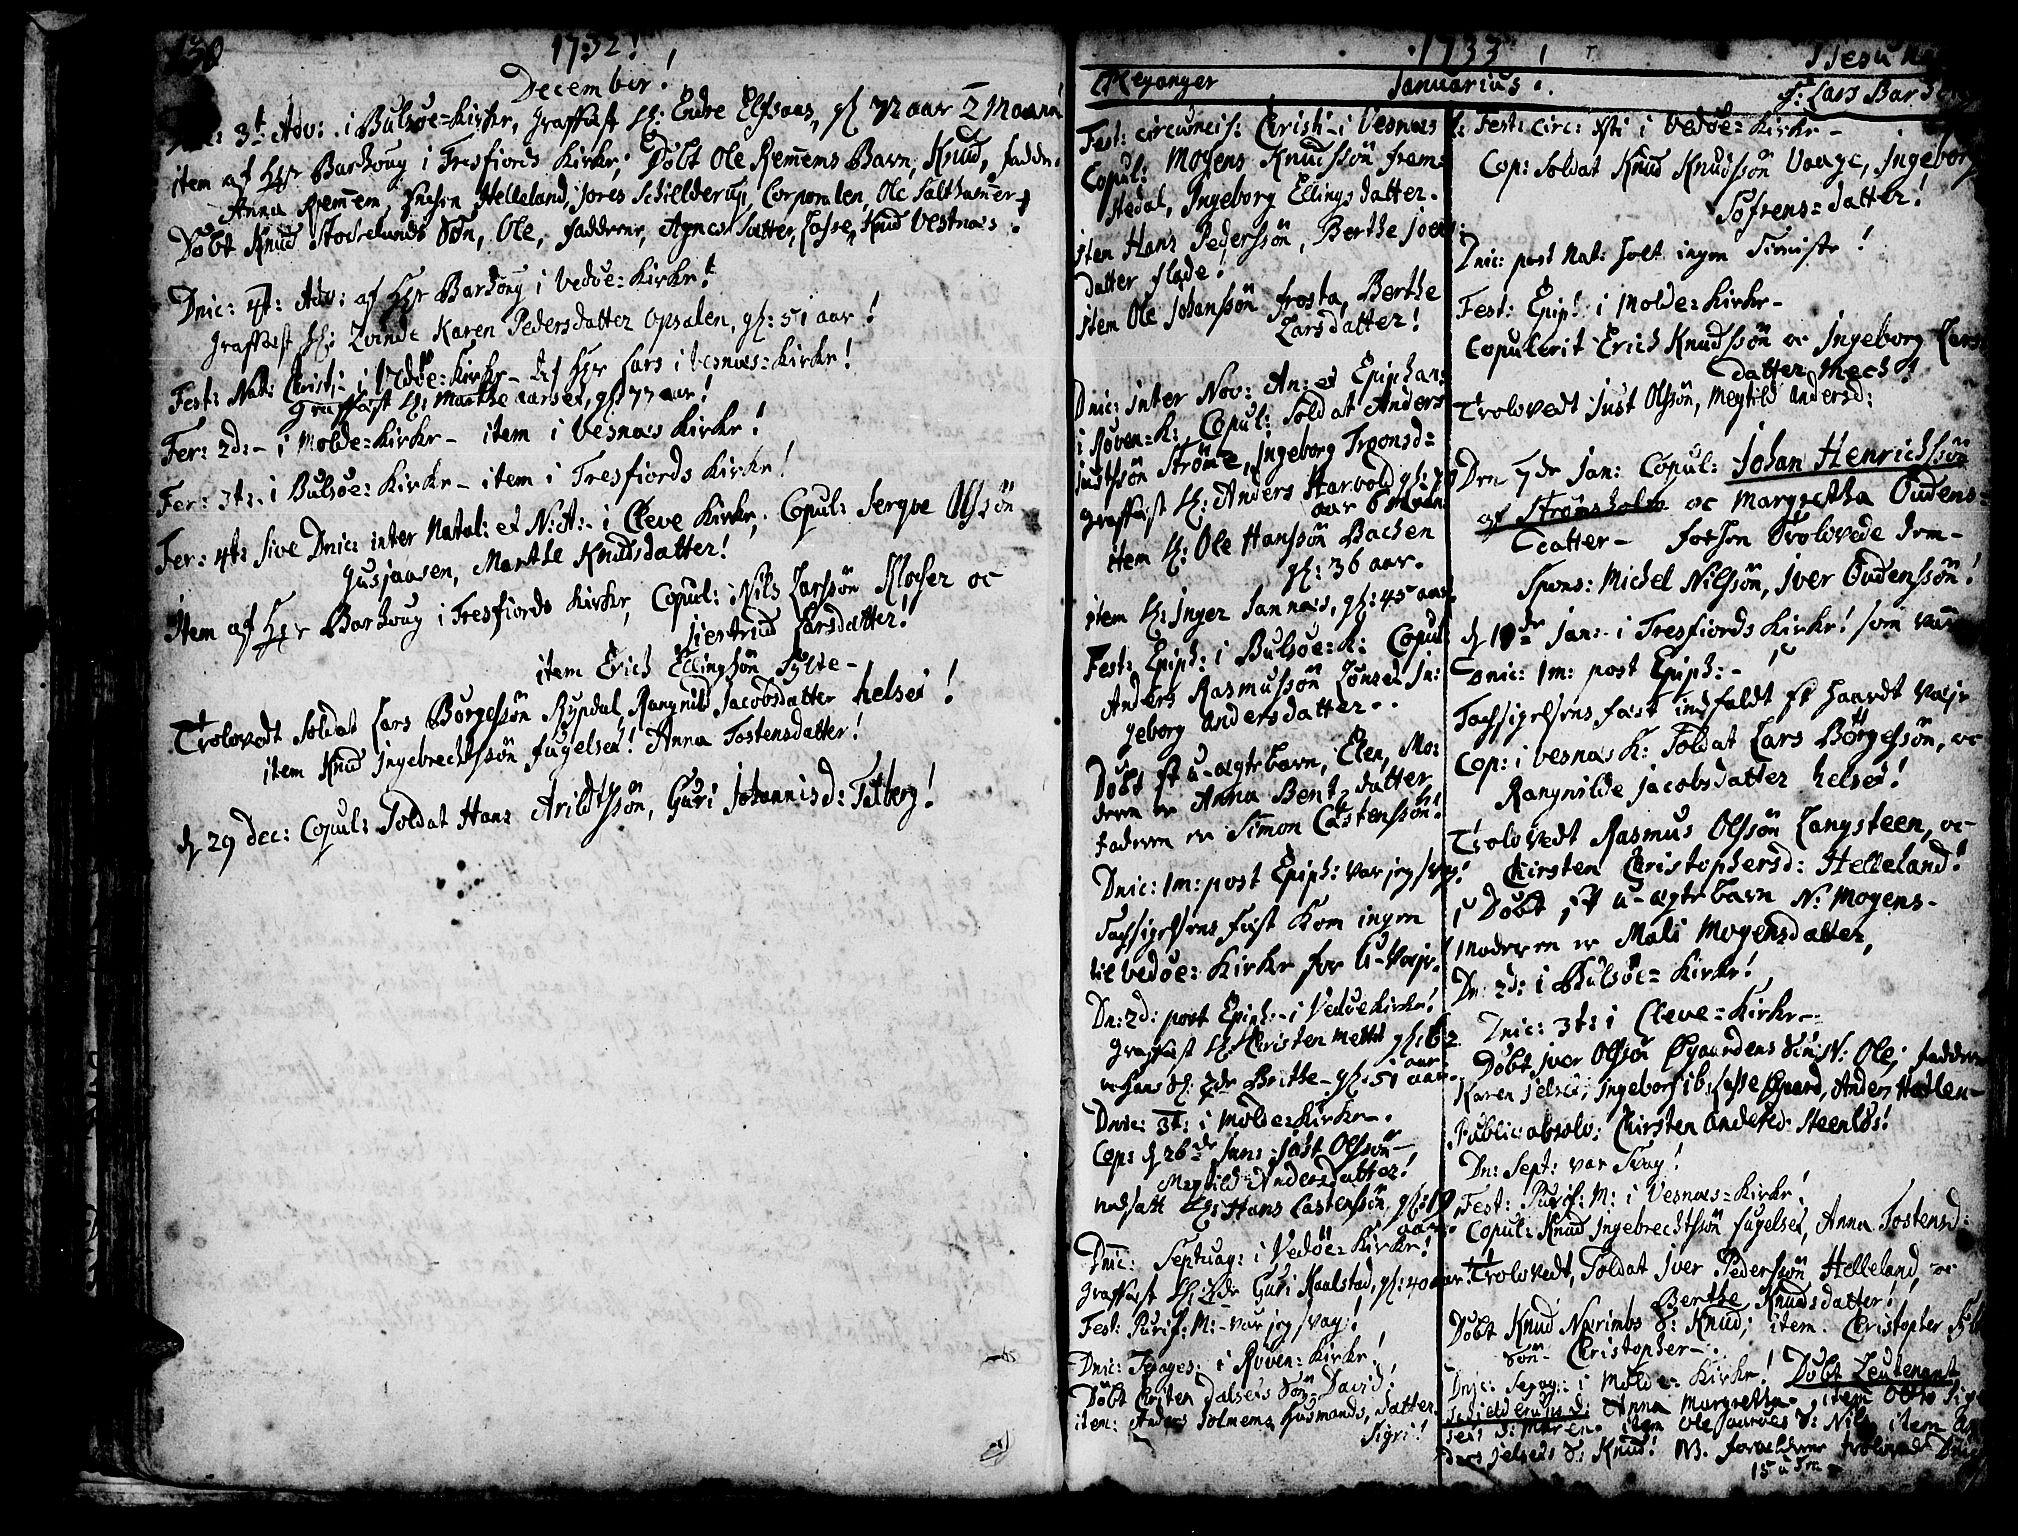 SAT, Ministerialprotokoller, klokkerbøker og fødselsregistre - Møre og Romsdal, 547/L0599: Ministerialbok nr. 547A01, 1721-1764, s. 132-133